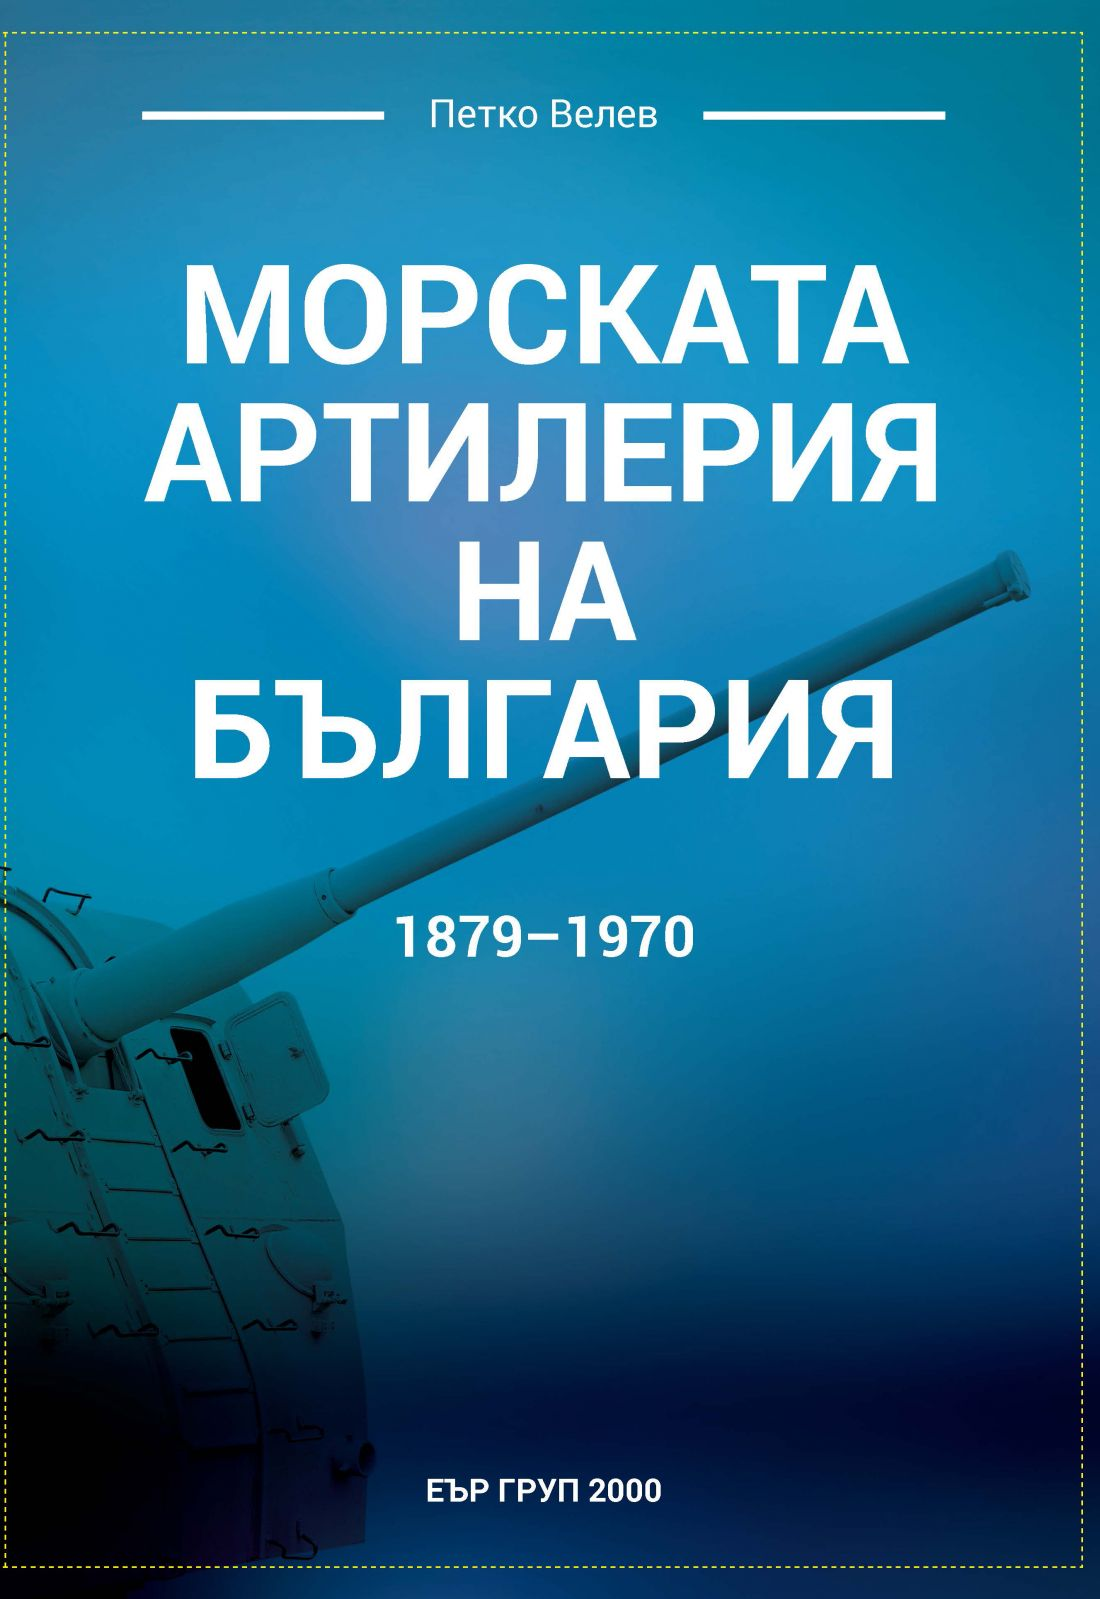 142 години български ВМС - презентации на книги за морска и бреговата артилерия и бреговите ракетни части във Варна и Бургас